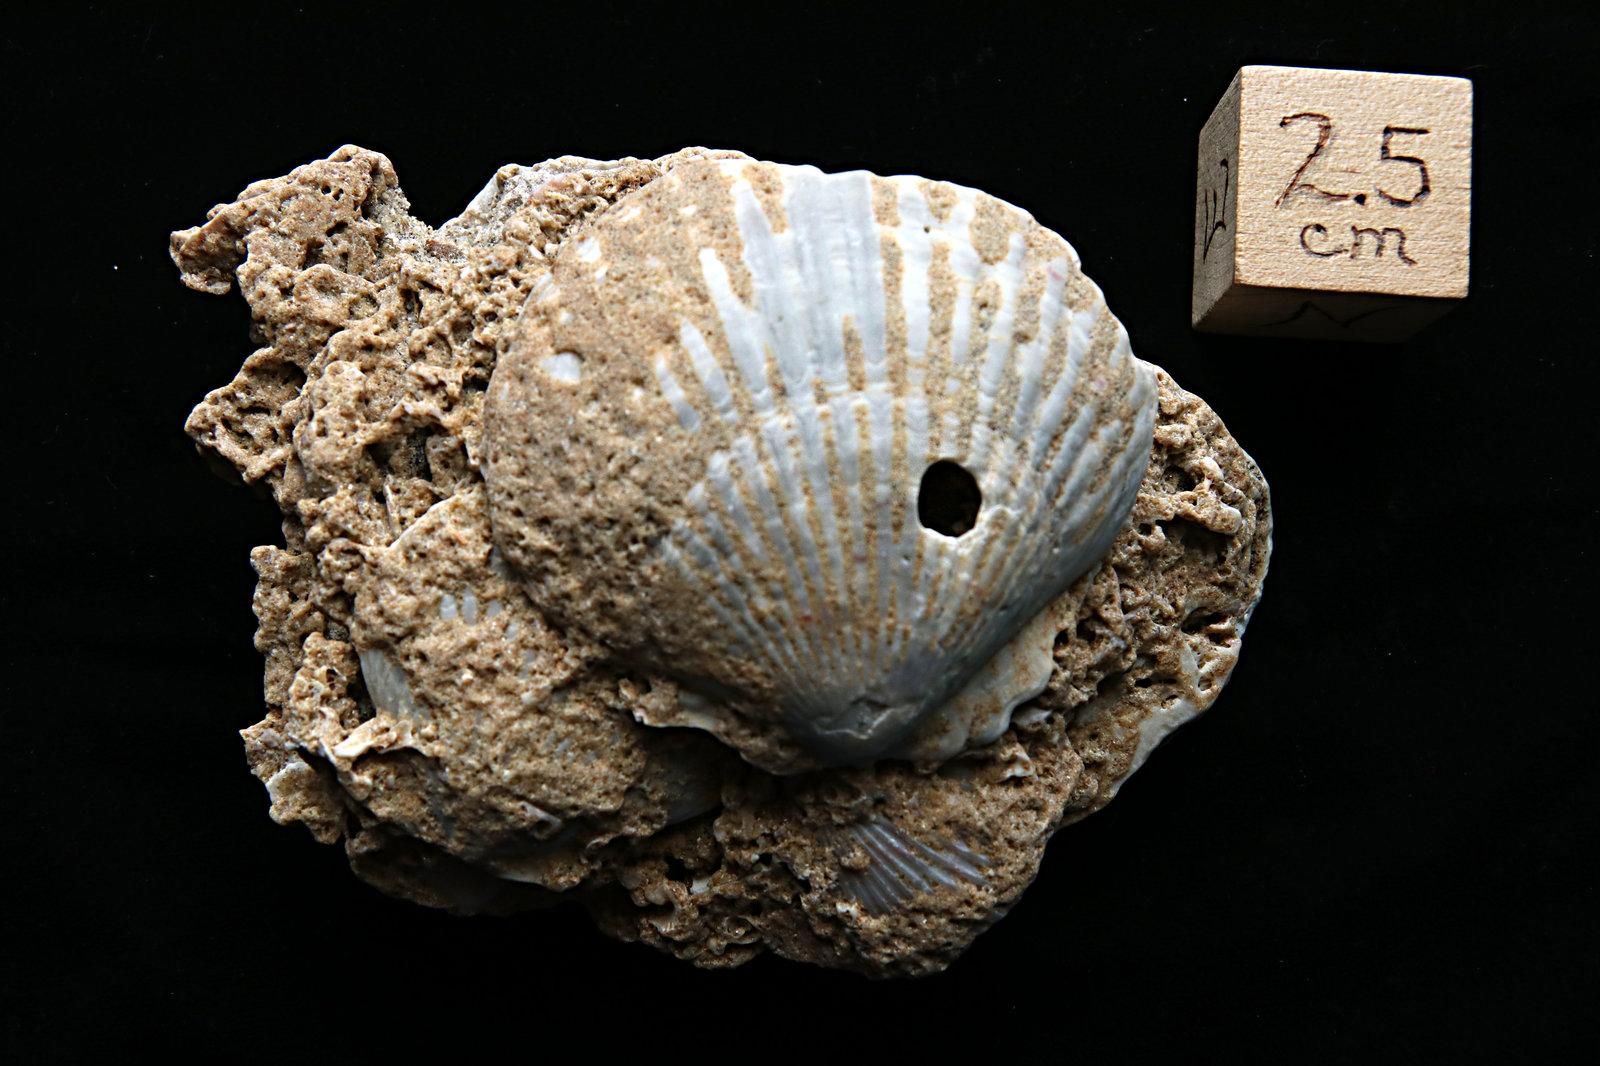 Fossil Scallop Shell, Cape Hatteras